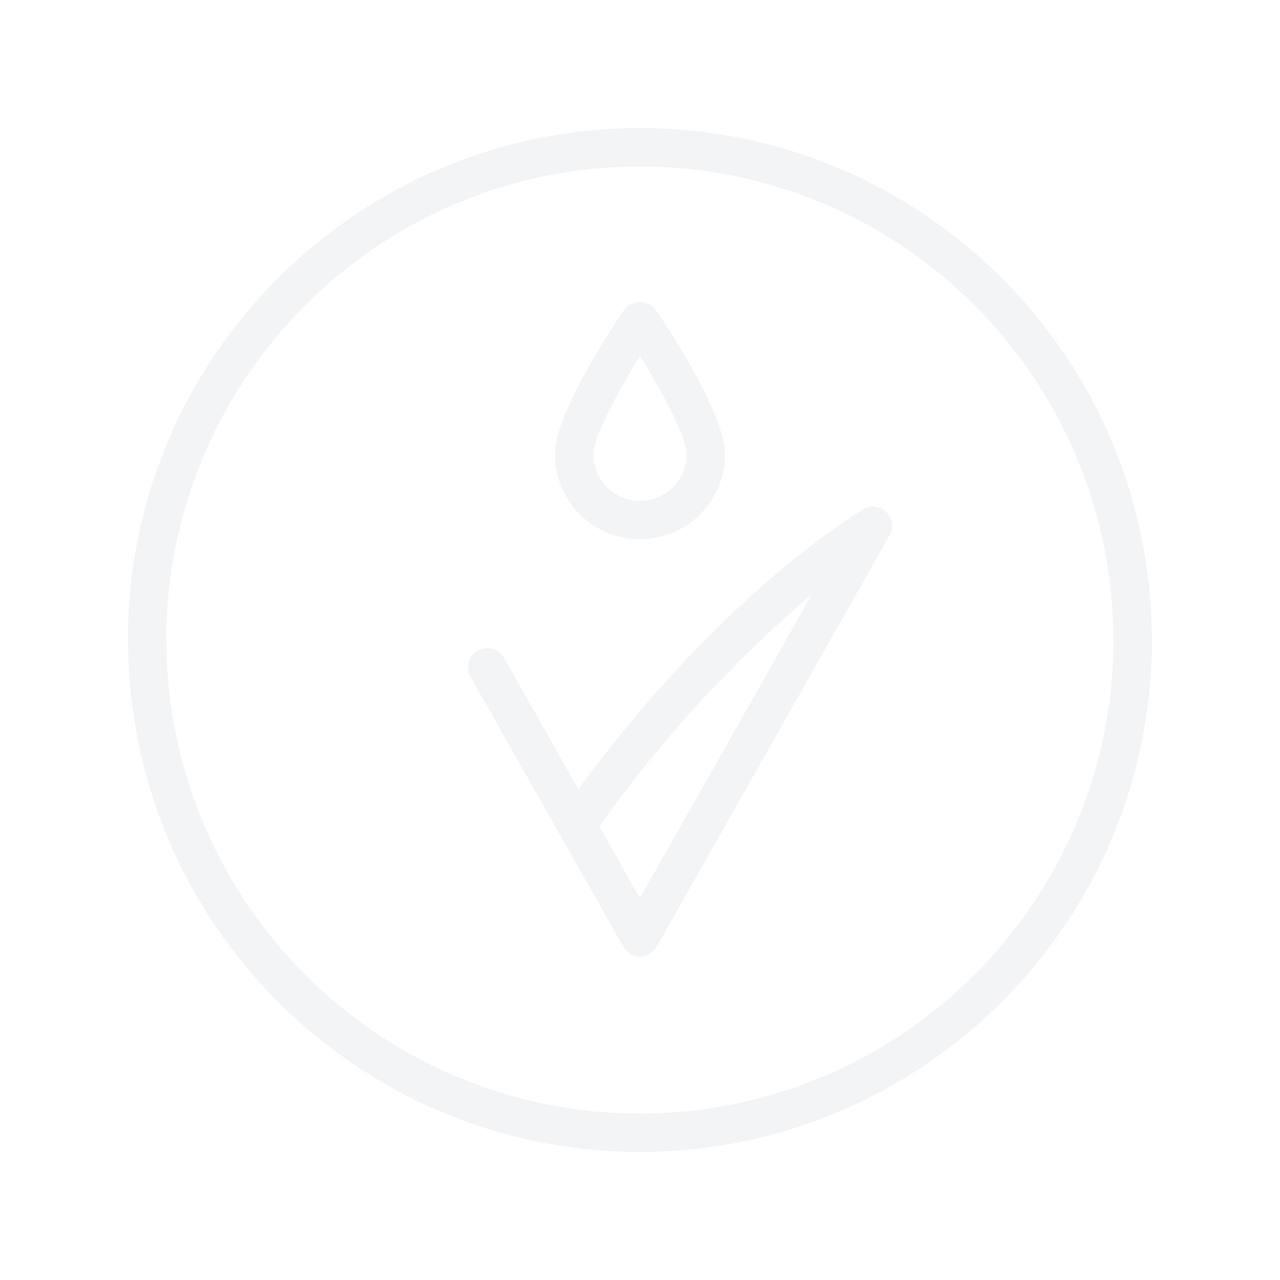 L'Oreal Infallible 24H Matte Powder No.123 9g